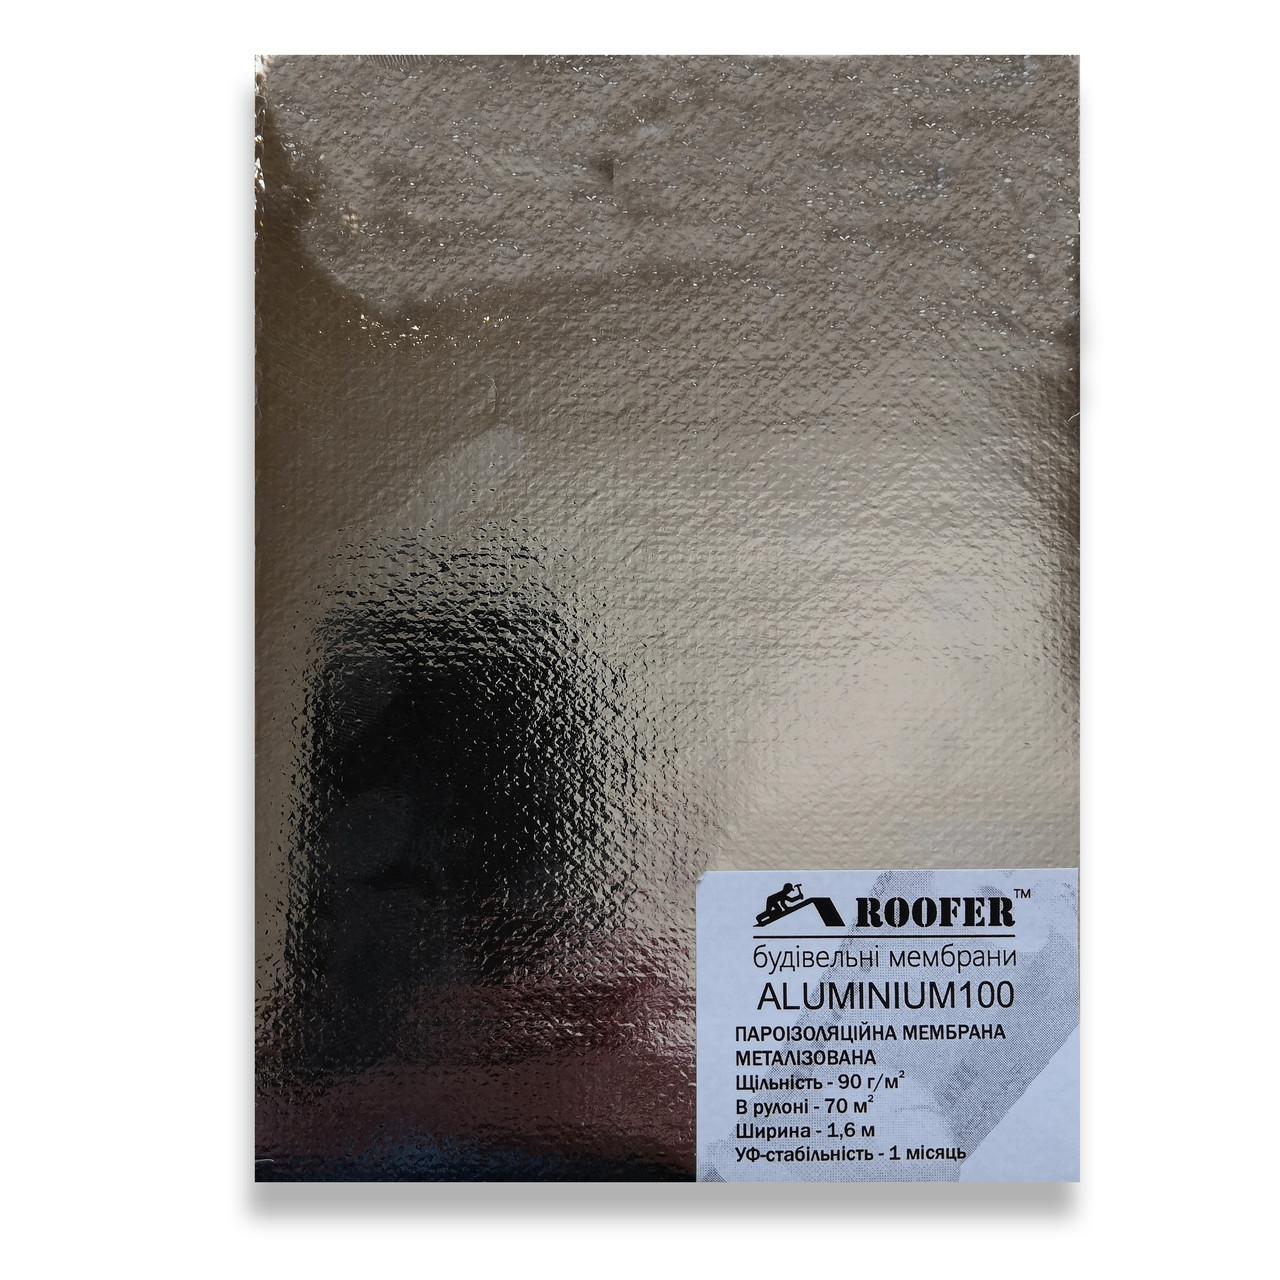 Пароизоляция фольгированная (70 м²) 90 г/м² ALUMINIUM 100 Roofer